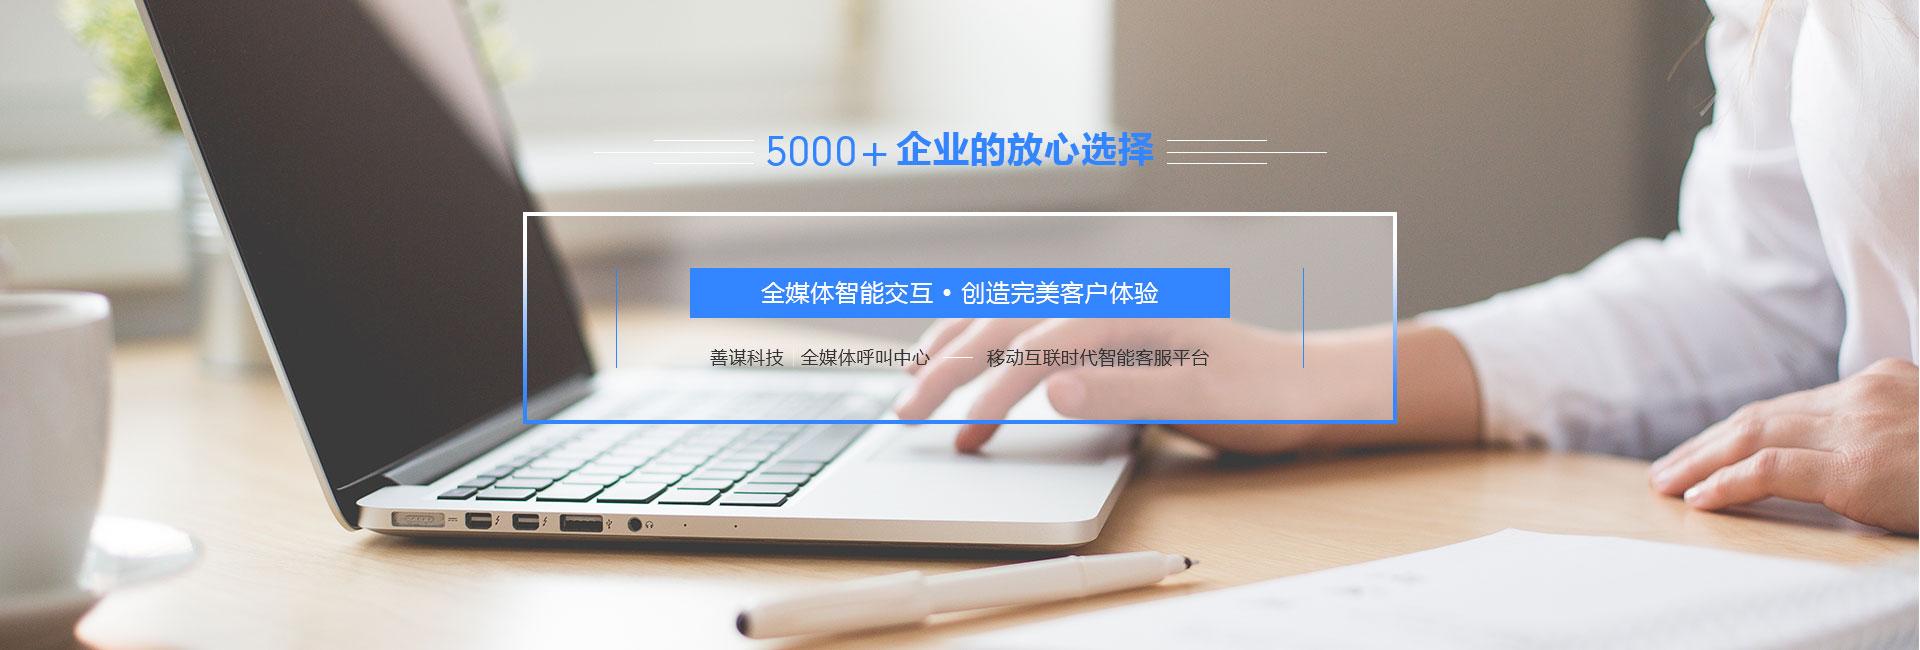 重庆电话热线呼叫中心